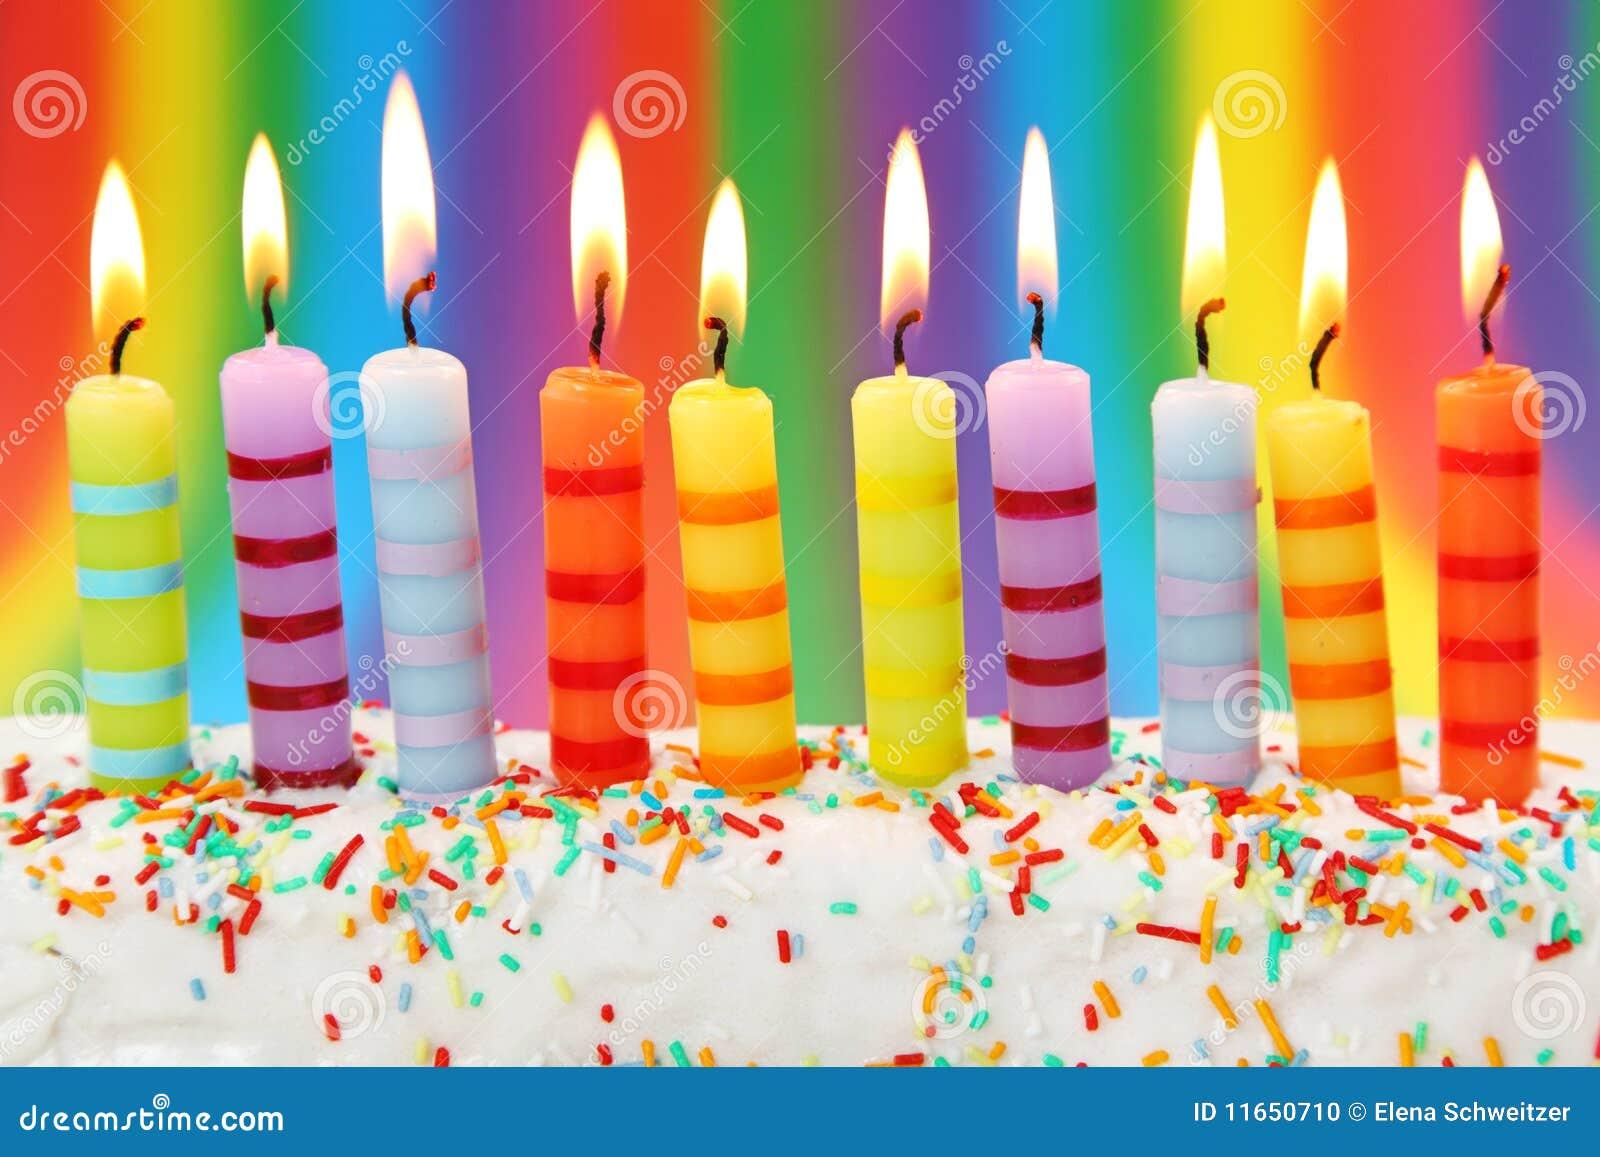 Bougie Anniversaire dix bougies d'anniversaire photo stock. image du jour - 11650710